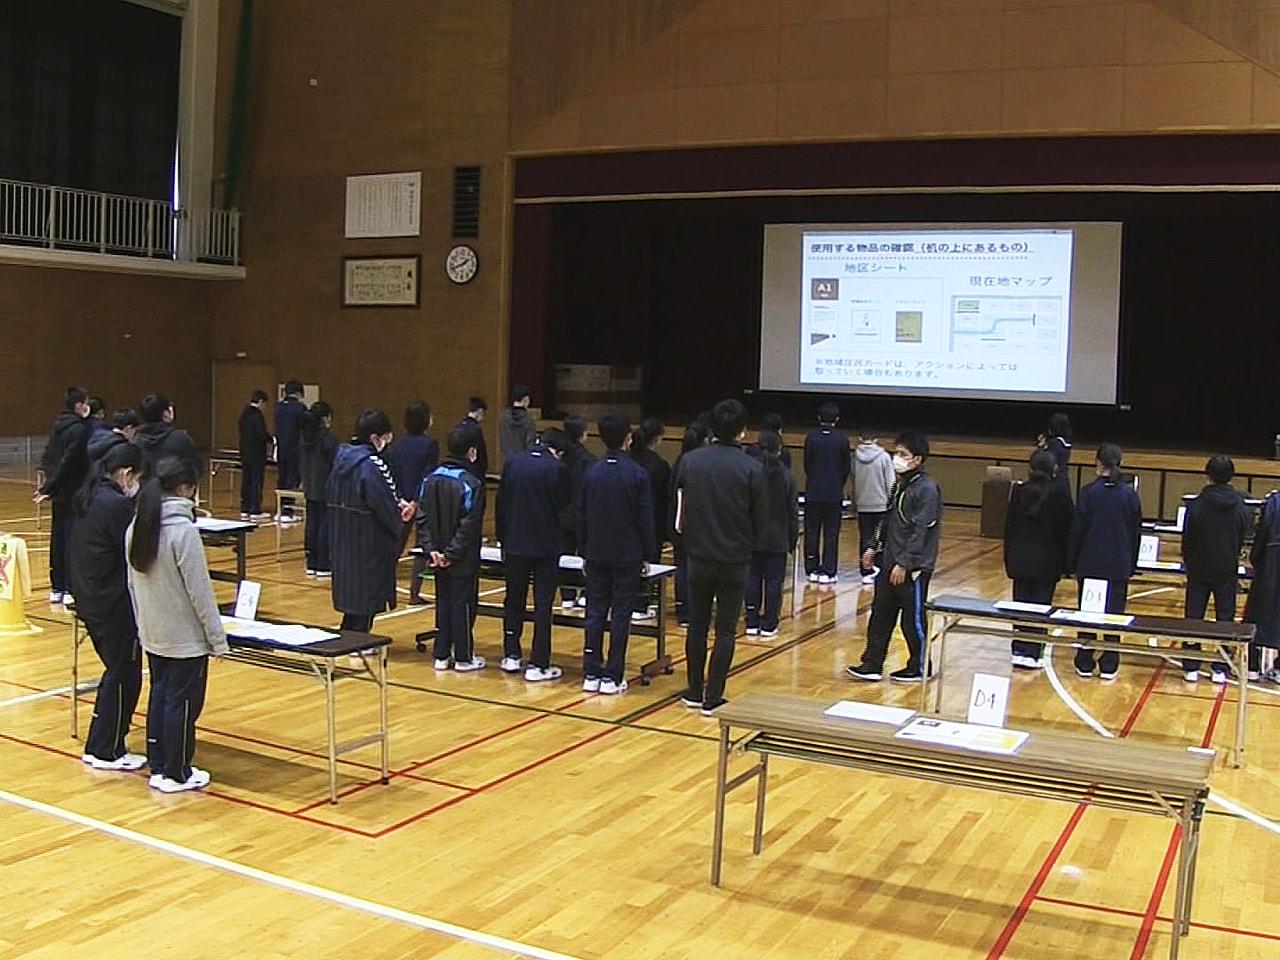 岐阜県飛騨市の中学校で、災害時に自分自身や地域住民が生き残ることを目指す、ゲーム...